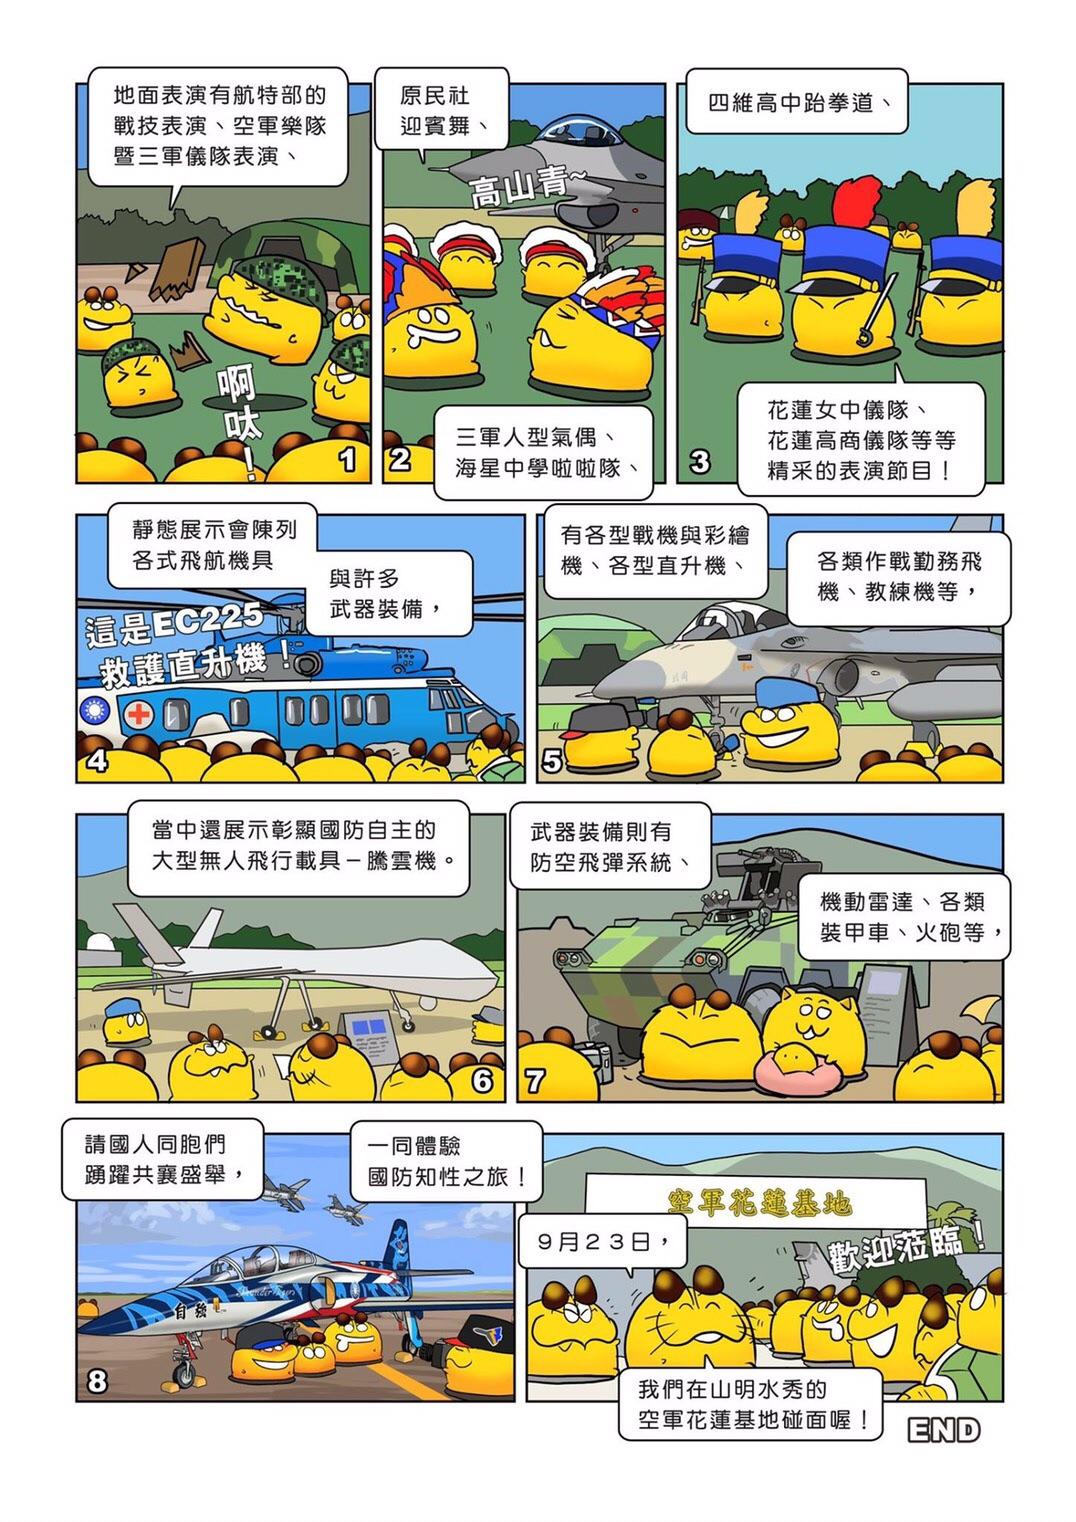 國防On line -花蓮營區開放活動02.jpg